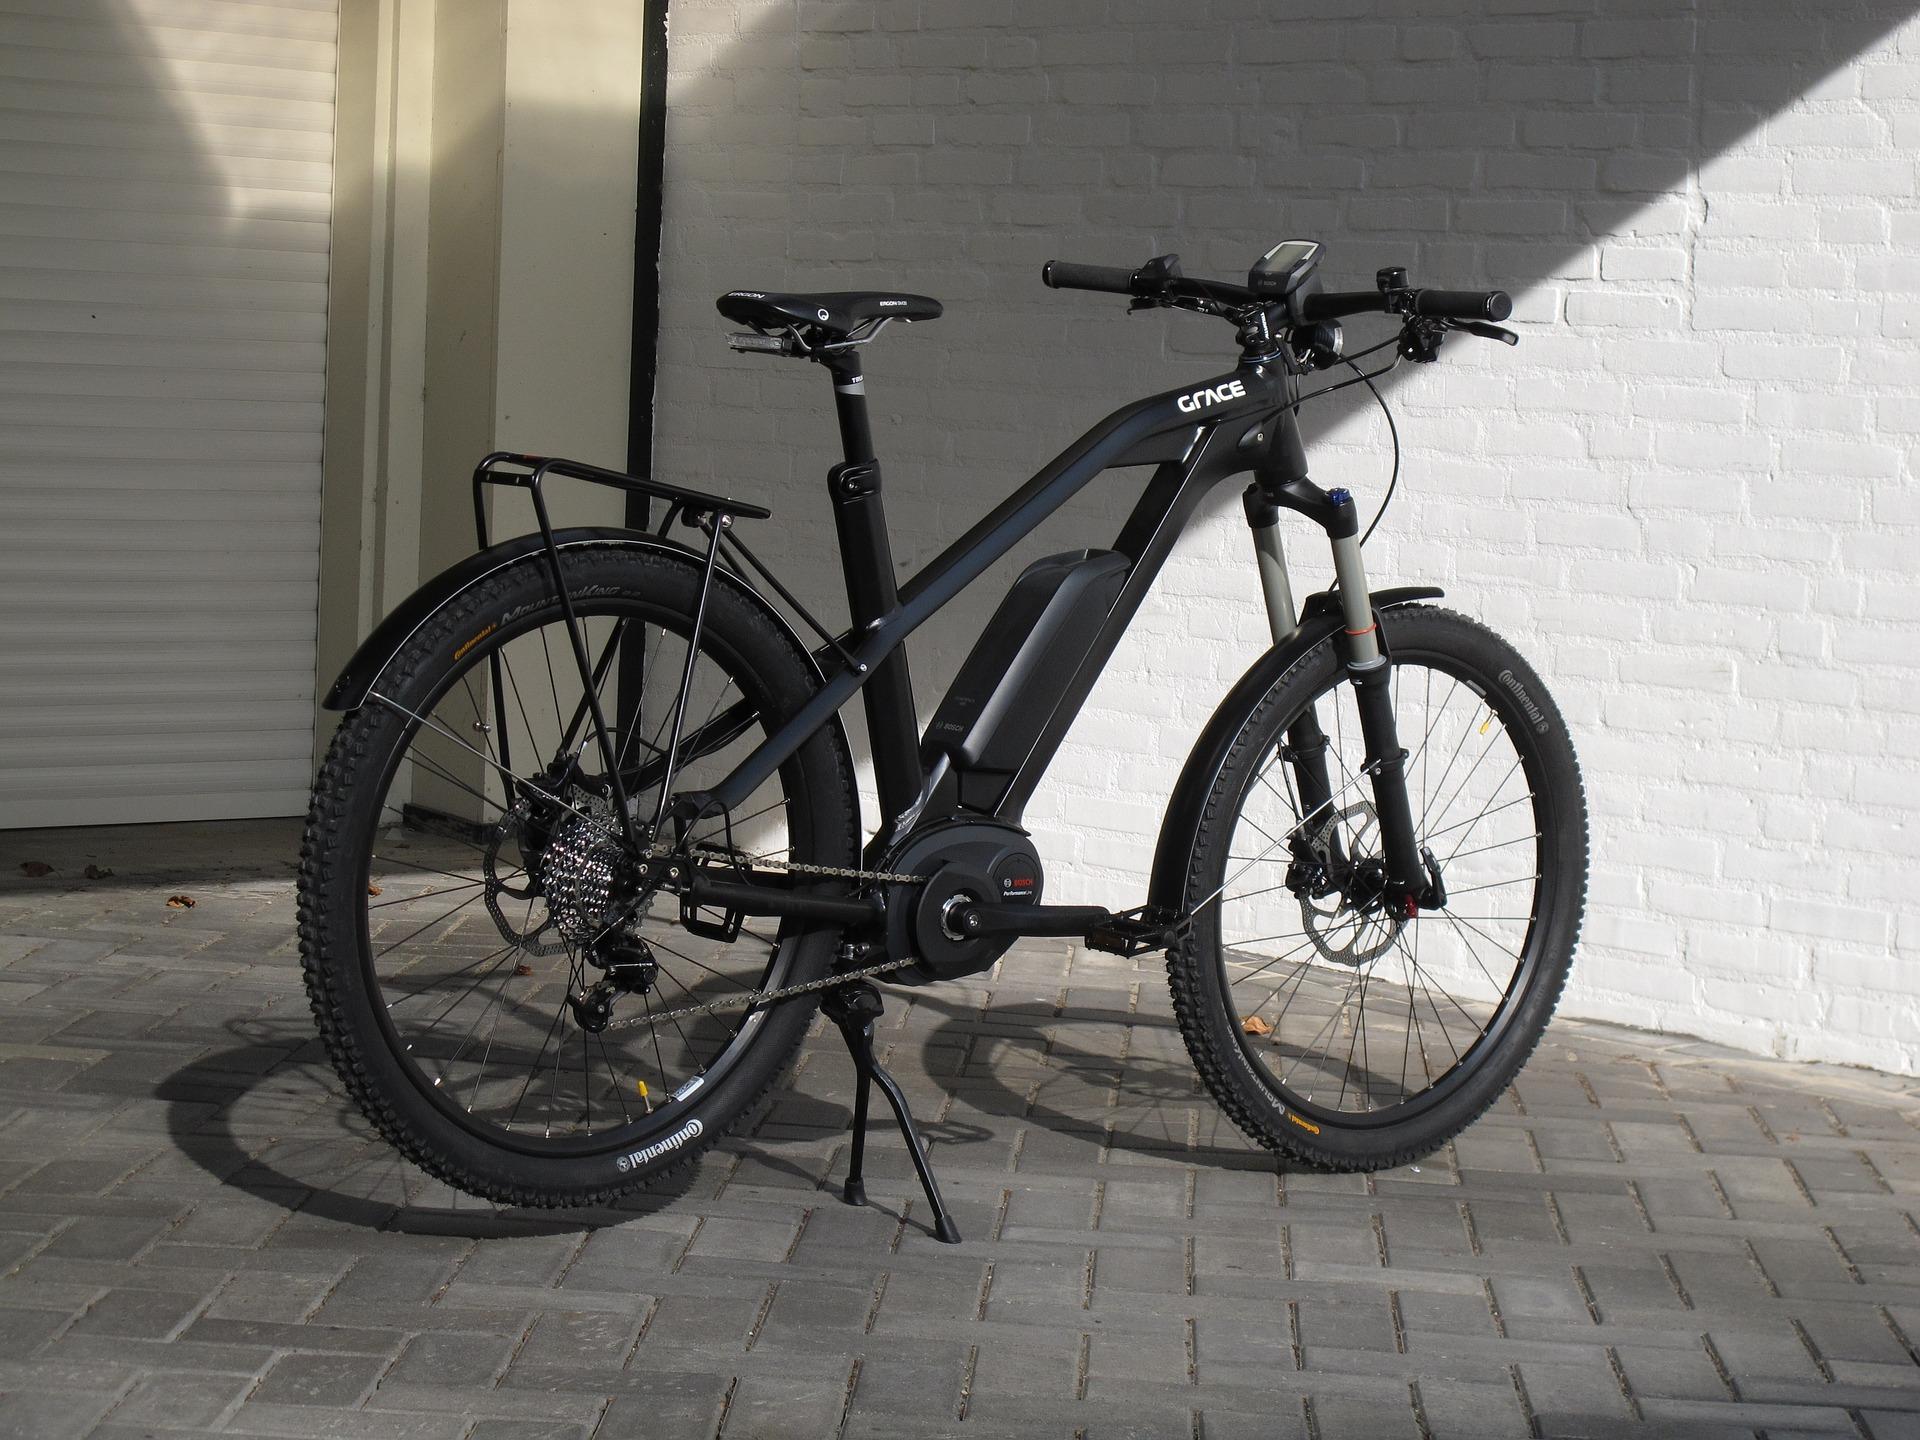 E-Bike-Reparatur-Studie 2021 von Wertgarantie: E-Bike-Besitzer setzten 2020 verstärkt auf Reparaturen in Werkstätten